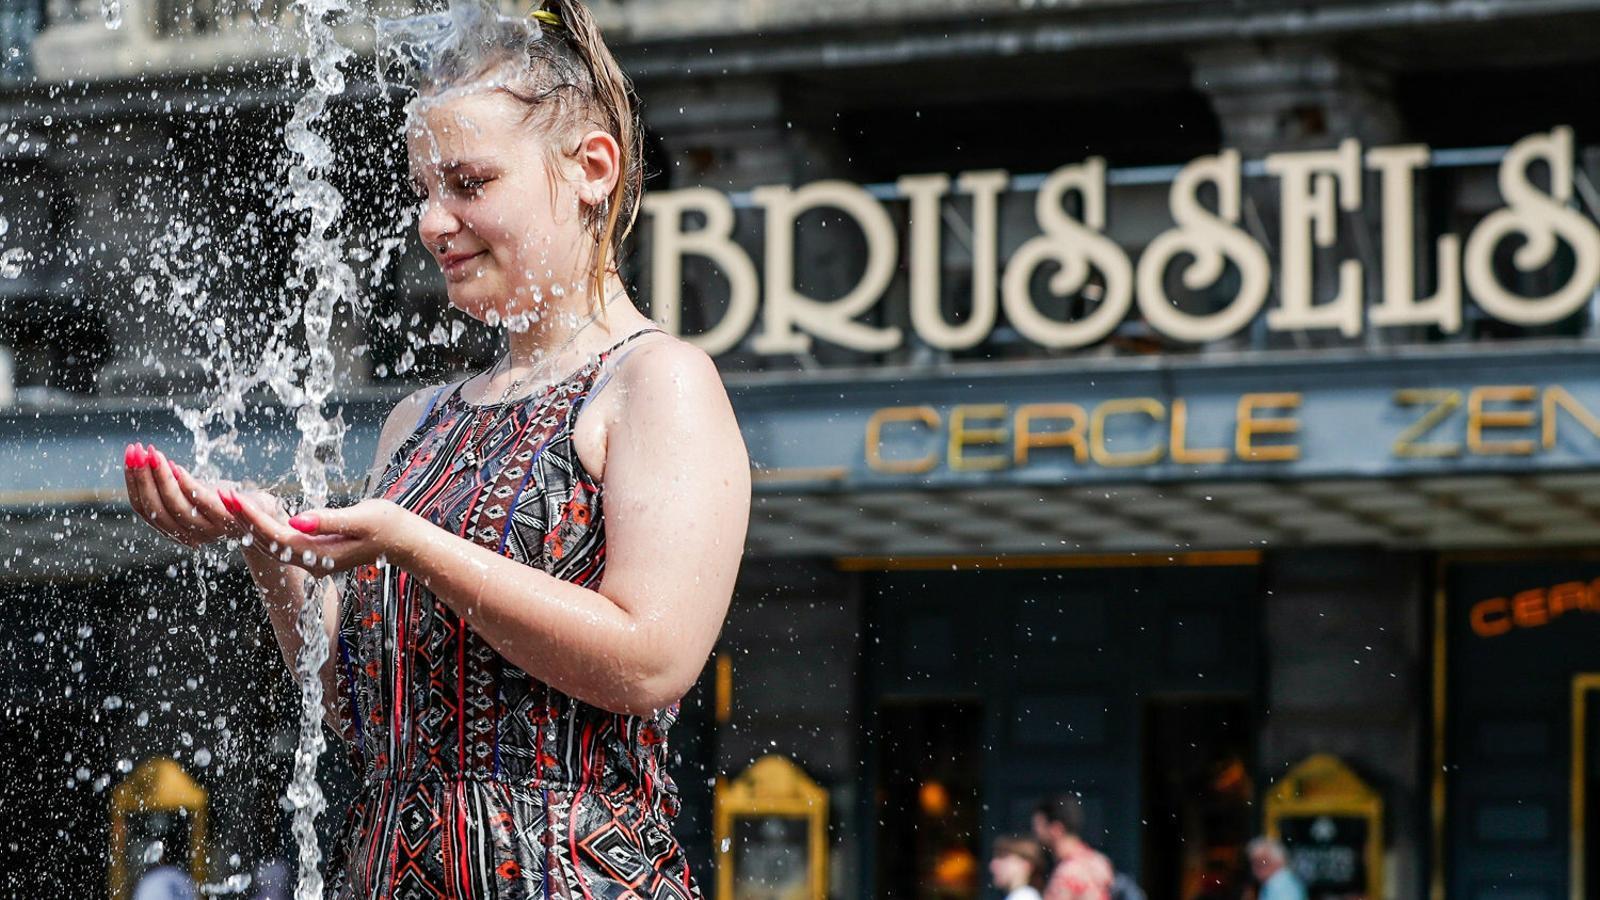 Una noia refrescant-se en una font pública d'una plaça de Brussel·les, a Bèlgica, on aquesta setmana s'han batut els rècords històrics de temperatura màxima a causa de la forta onada de calor que s'ha escampat per bona part d'Europa.